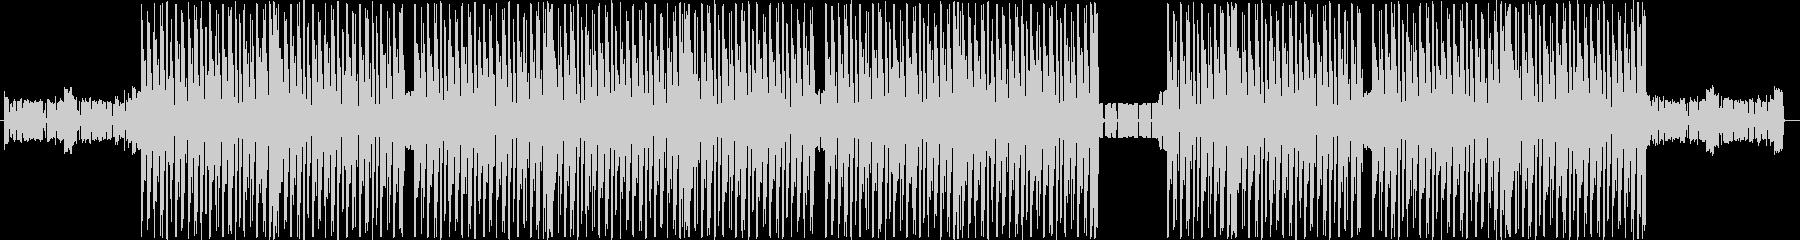 洋楽、ハードトラップ、ヒップホップビートの未再生の波形